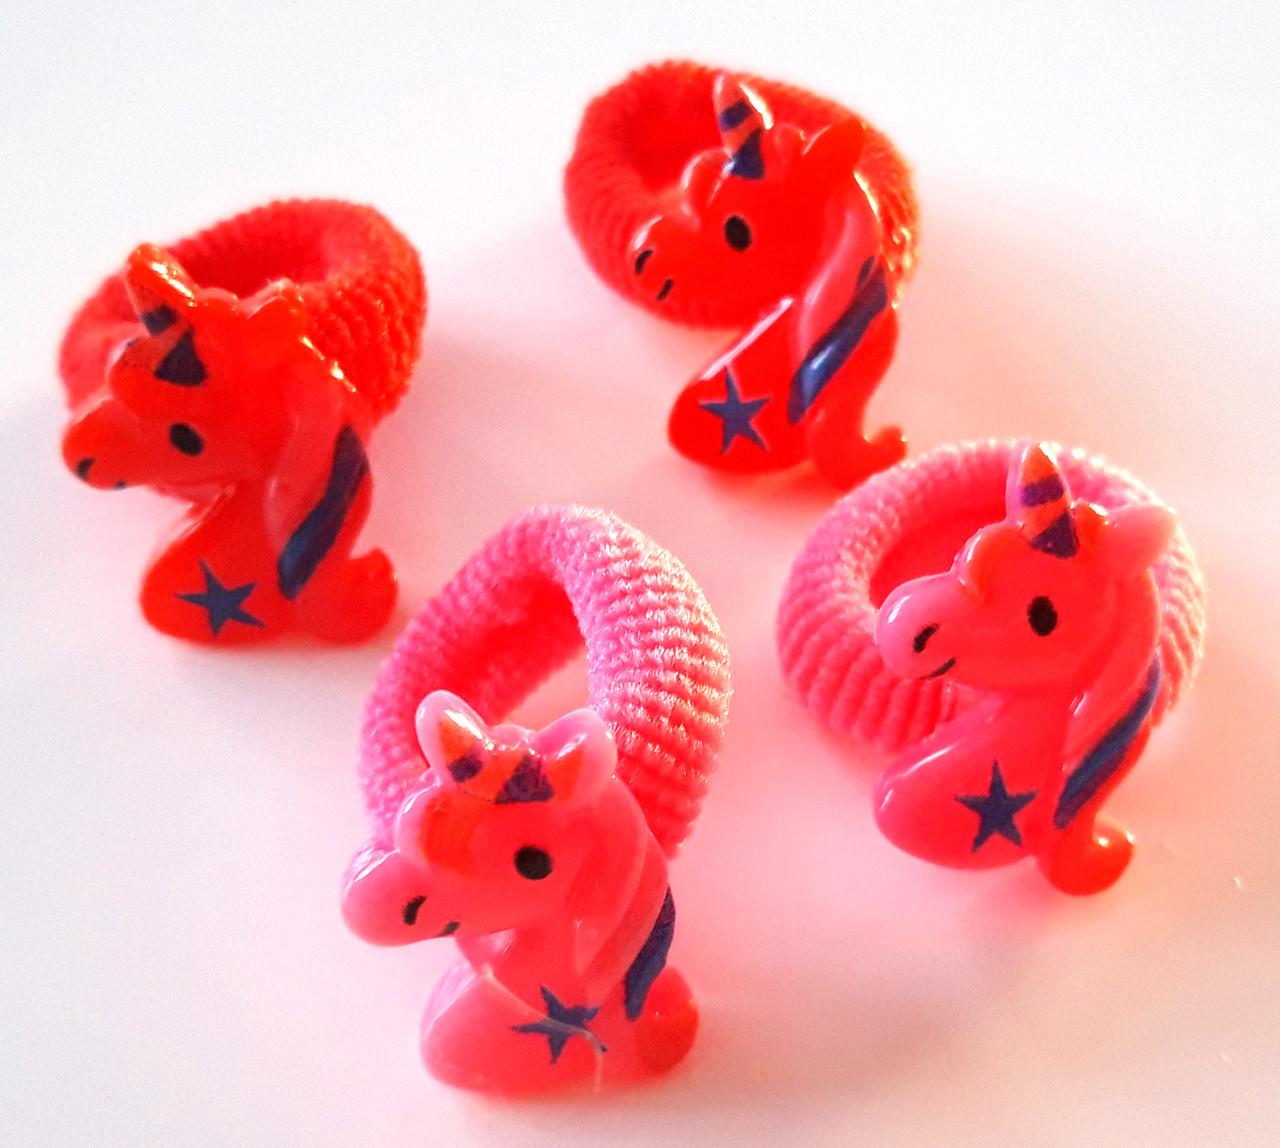 Детские резинки для волос маленькие 4 шт единороги малиновые и красные